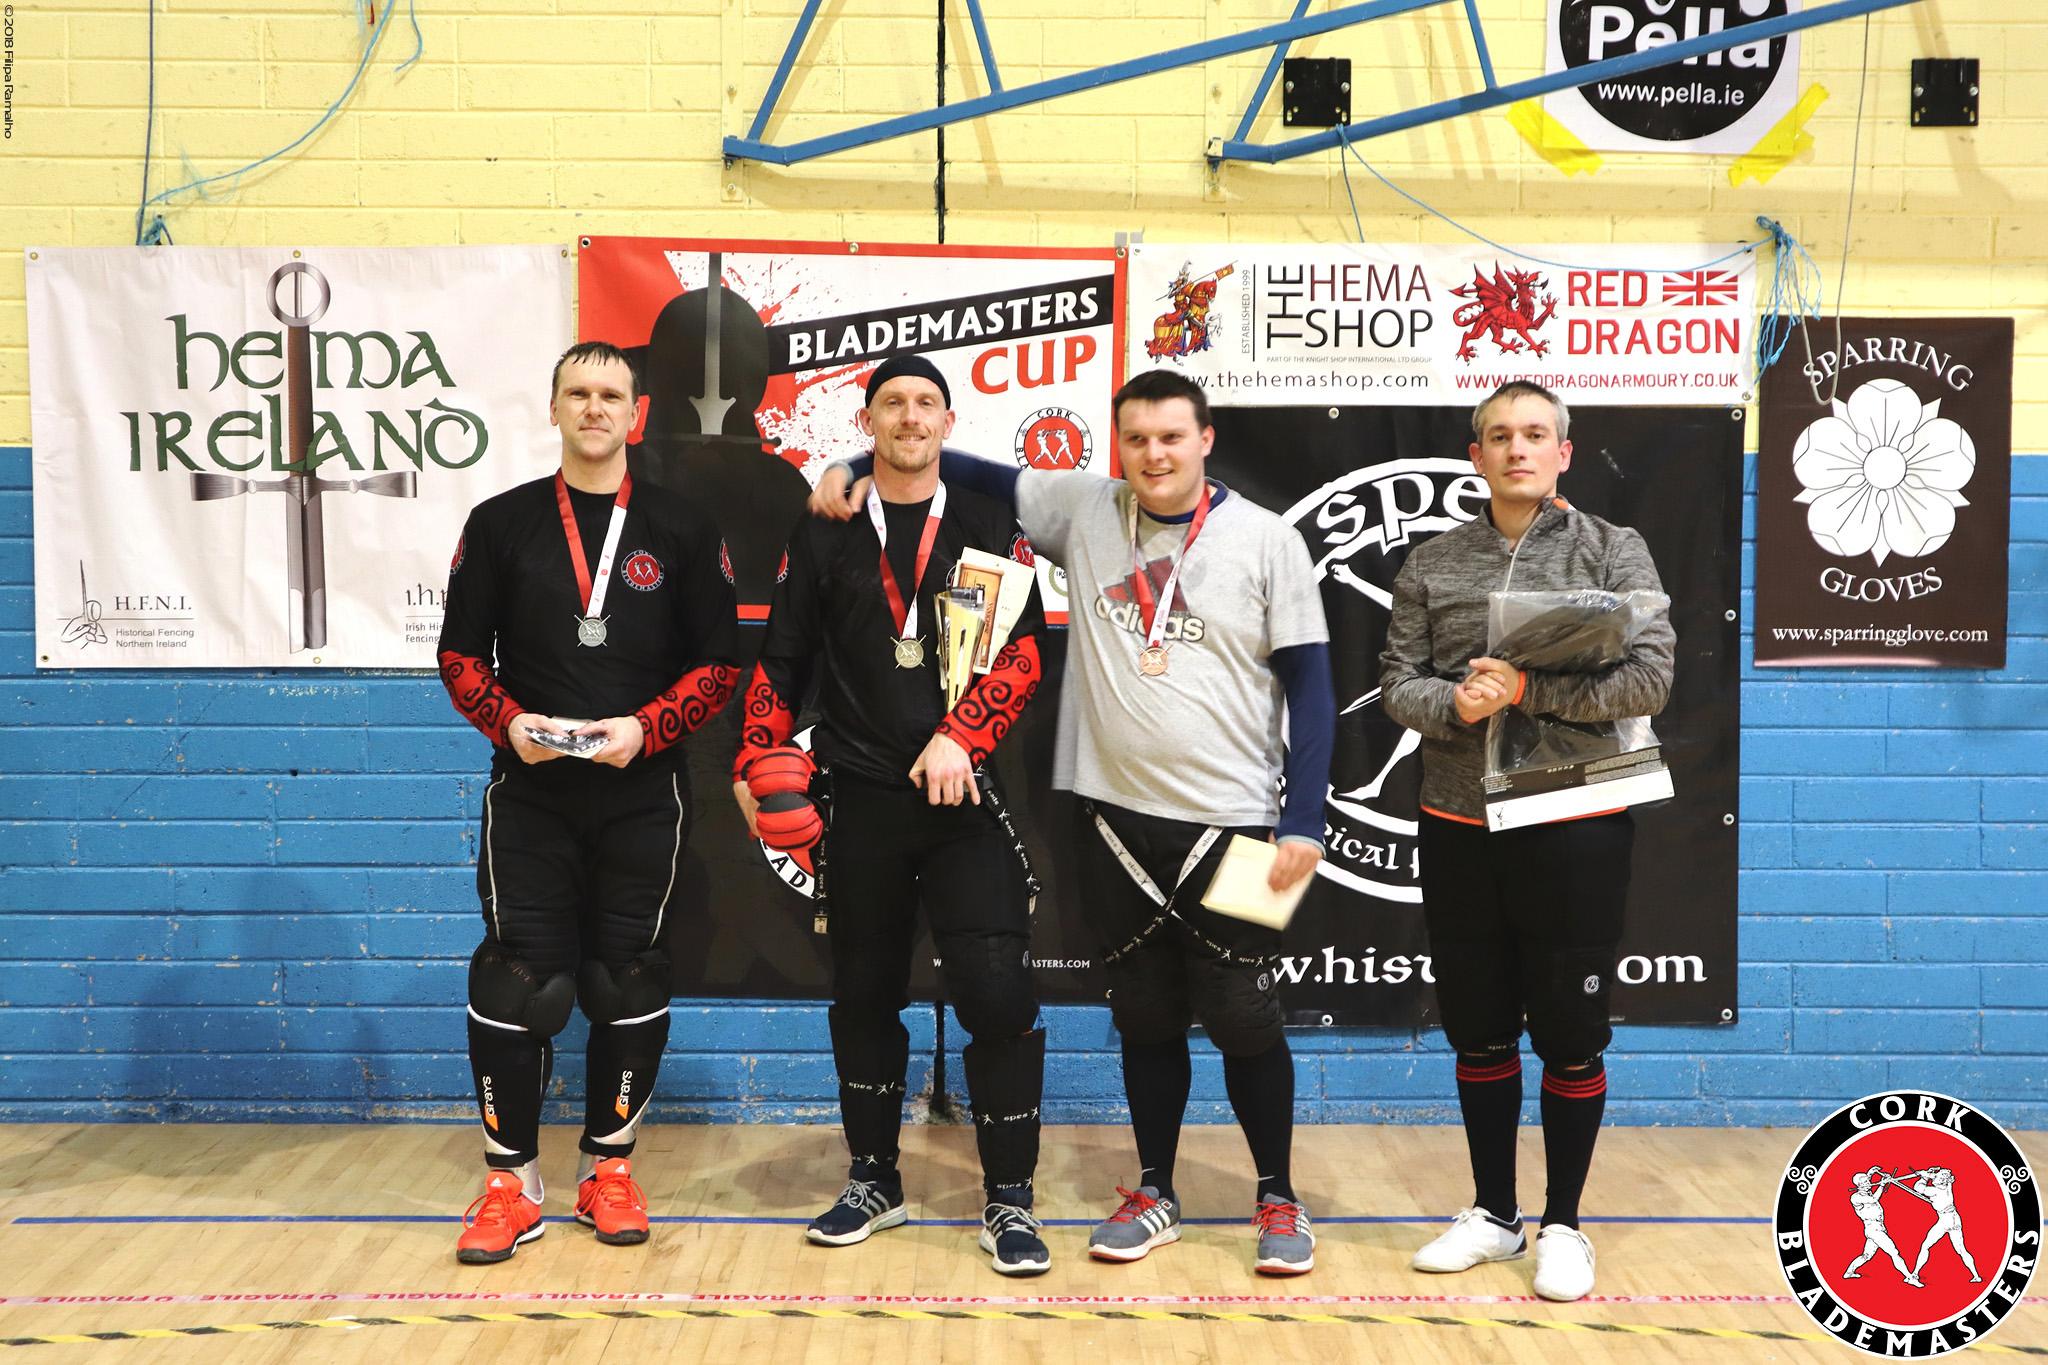 Cork Blademasters Cup_20180428_0058